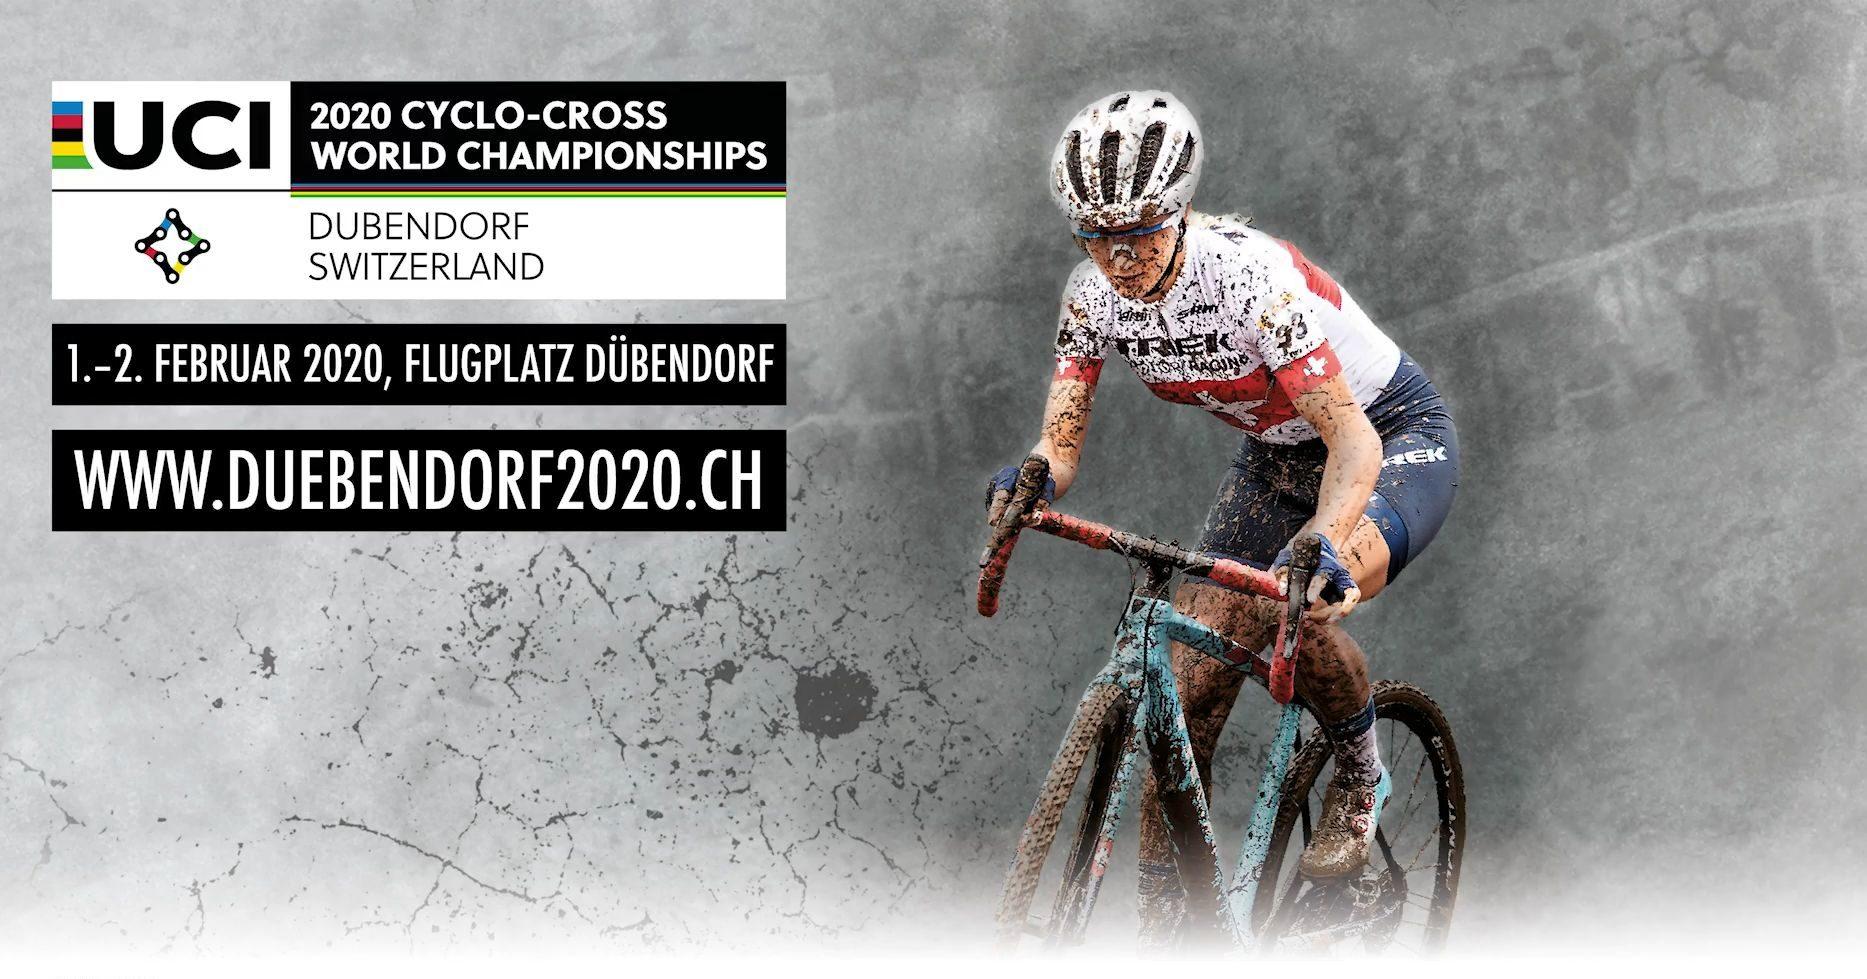 Zapowiedź Mistrzostw Świata w kolarstwie przełajowym 2020 – Dubendorf, Szwajcaria